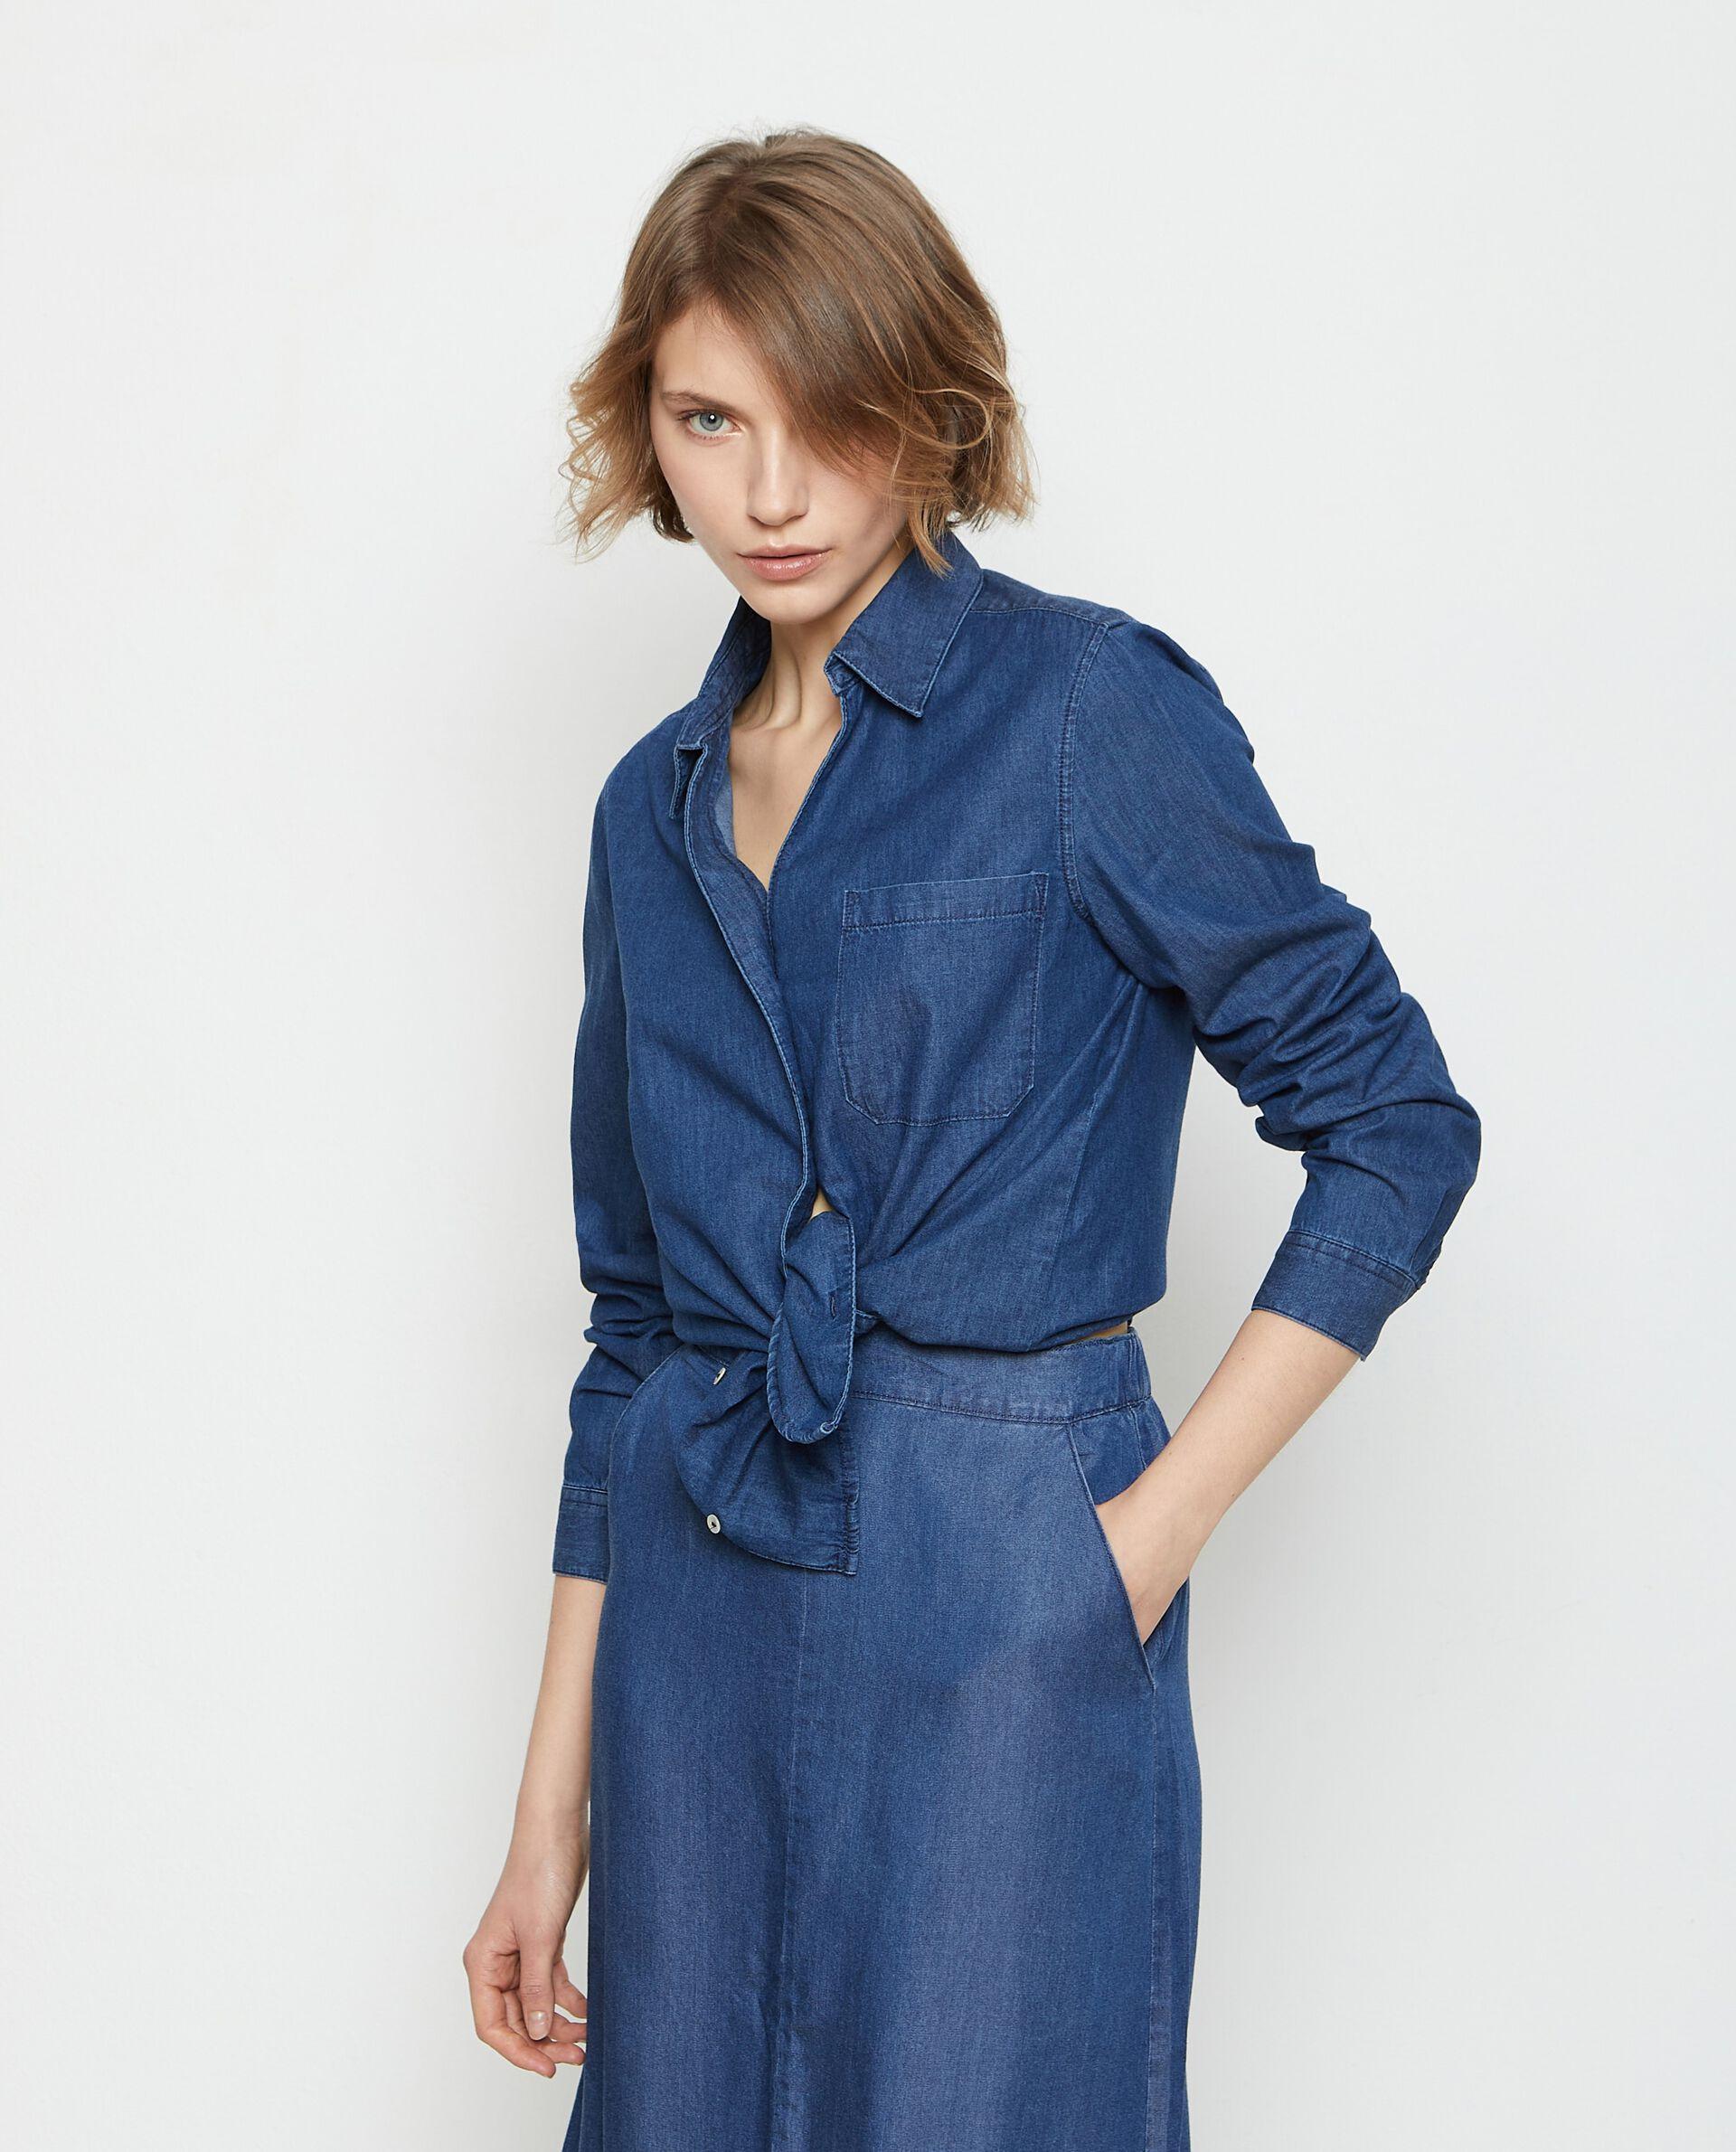 Camicia denim in puro cotone donna